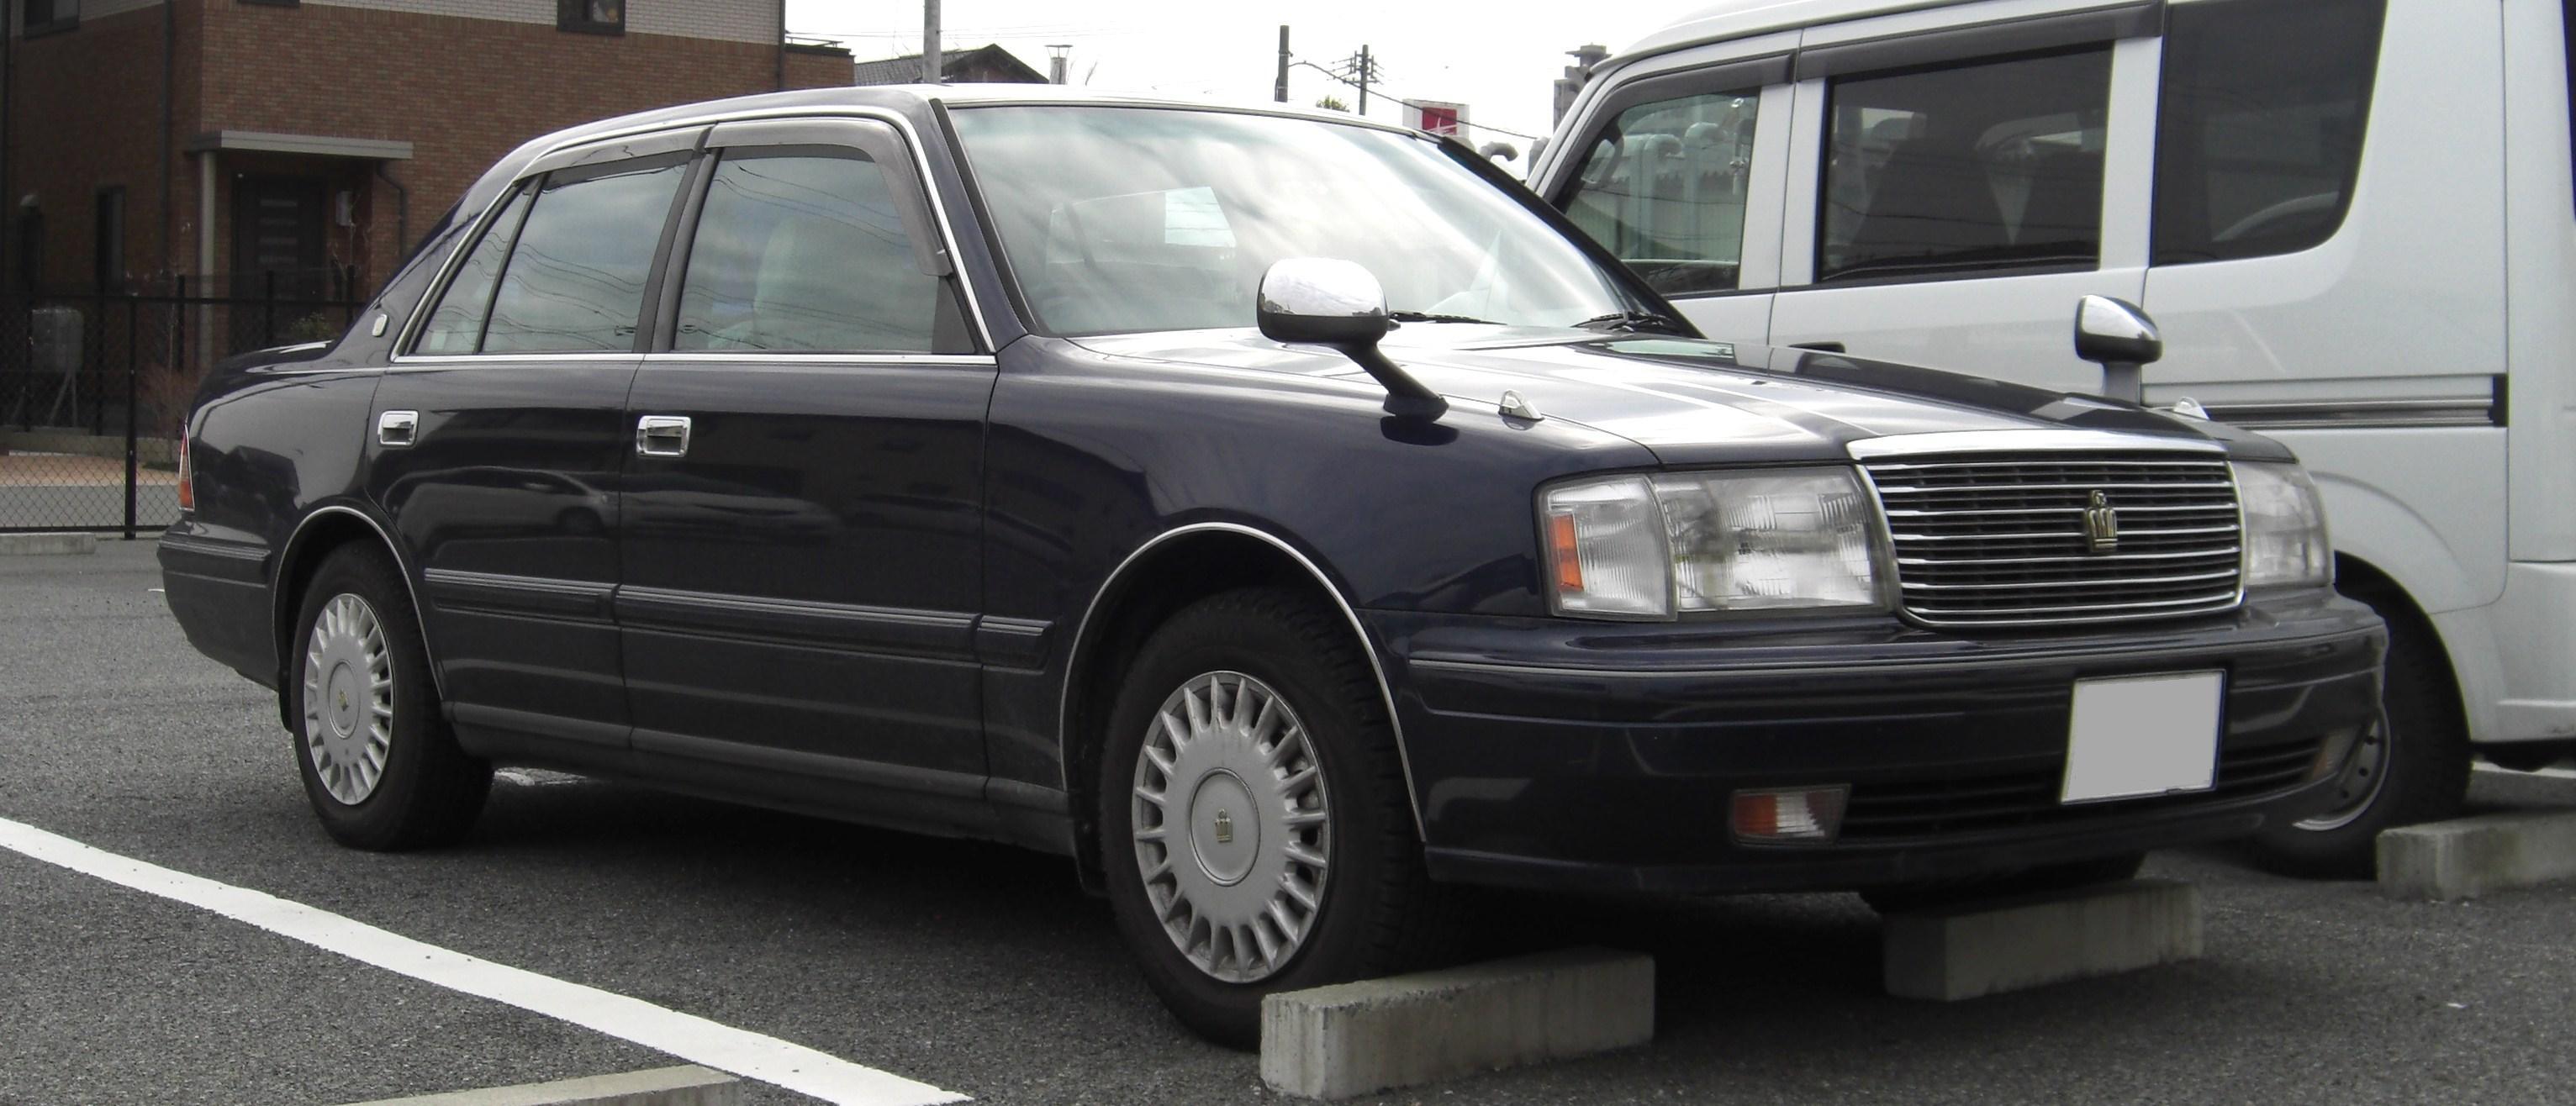 File Toyota Crown S150 Sedan Jpg